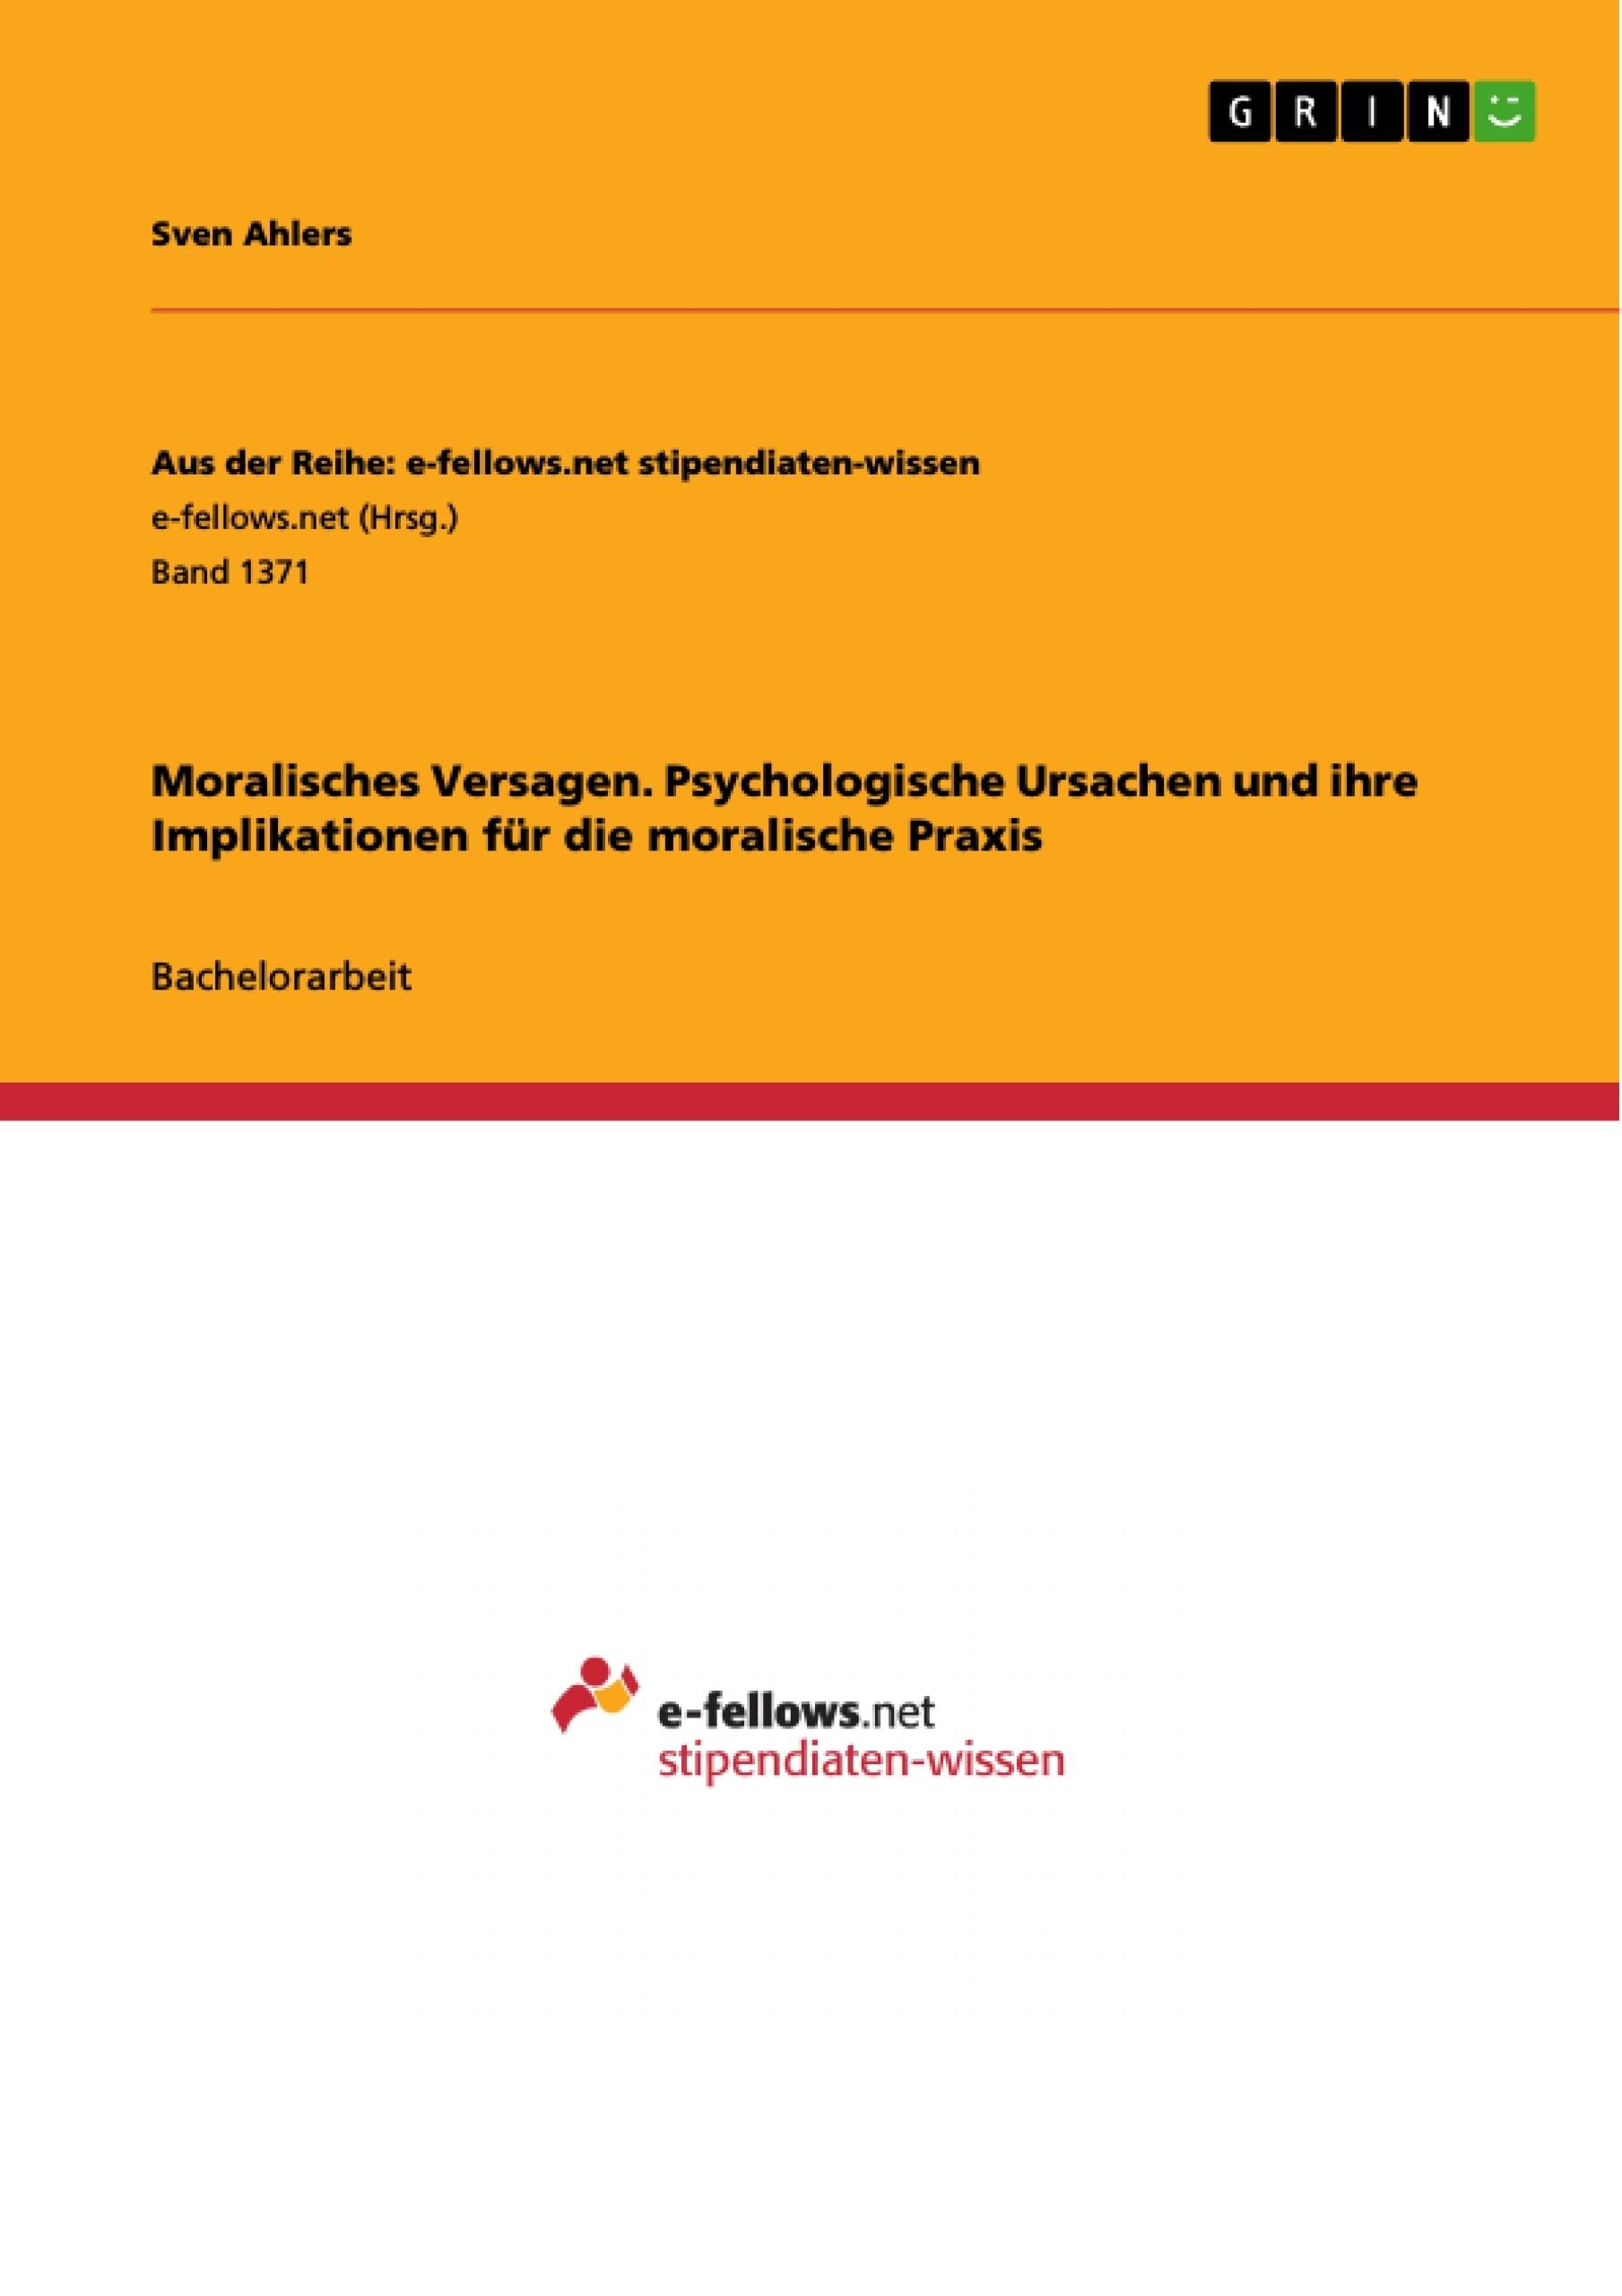 Titel: Moralisches Versagen. Psychologische Ursachen und ihre Implikationen für die moralische Praxis